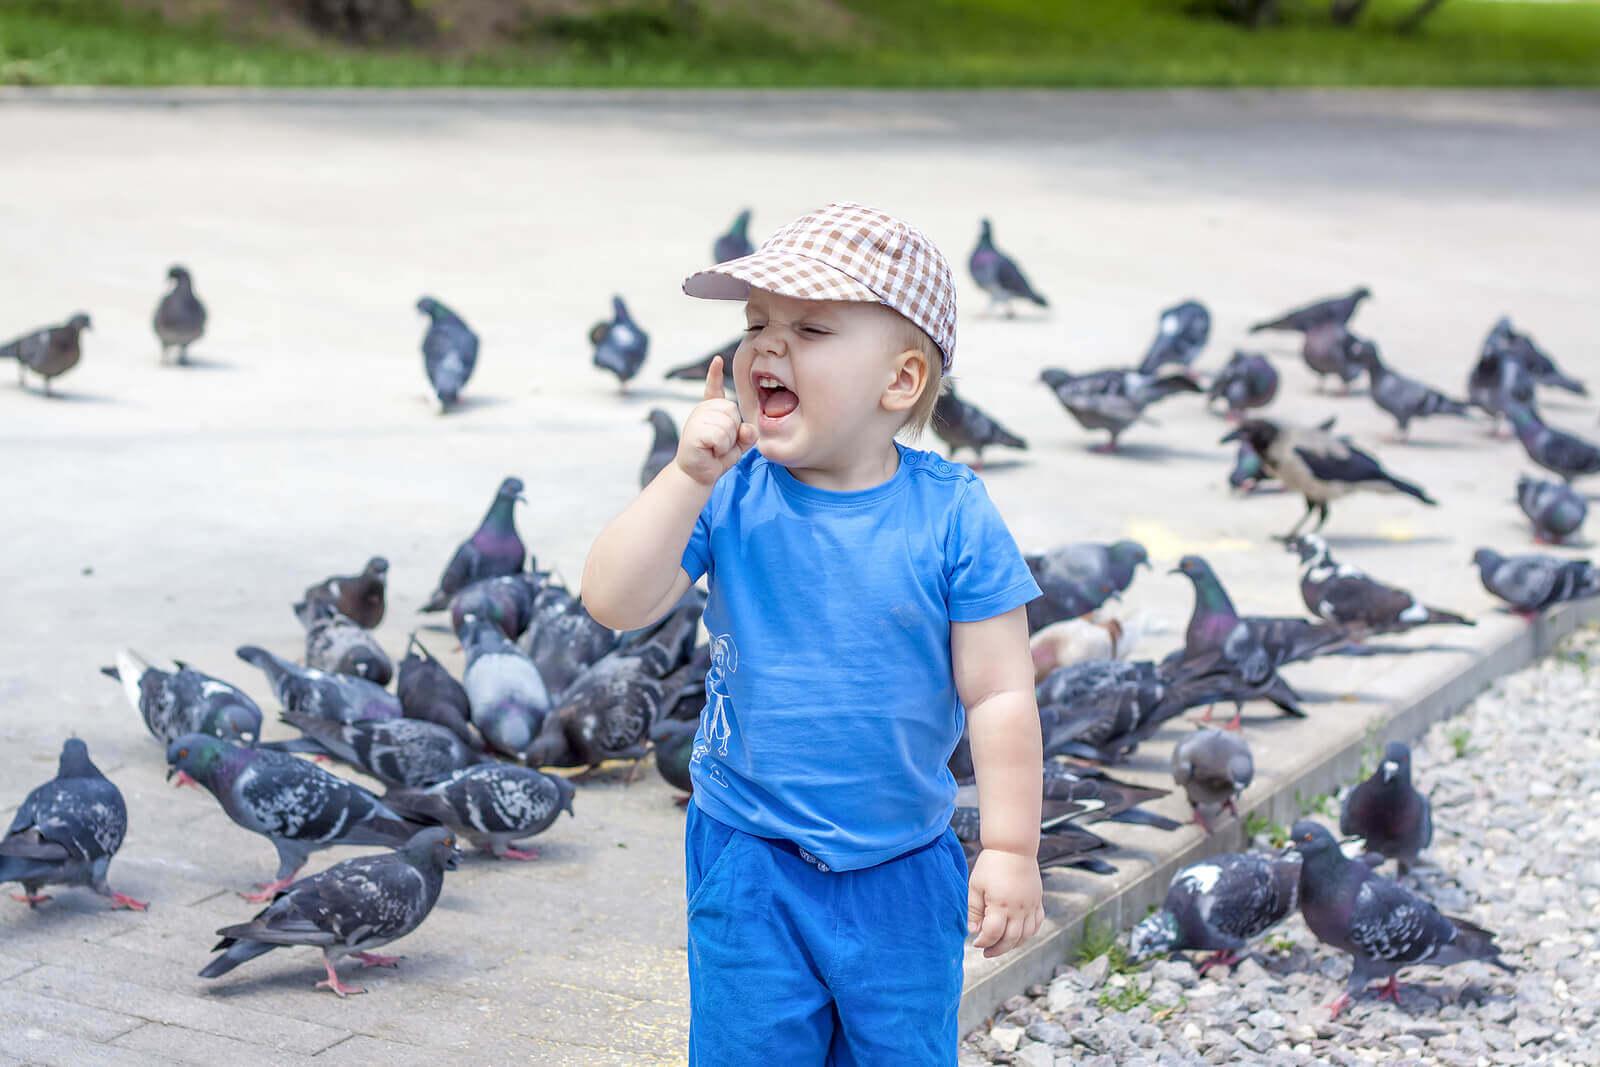 Meu filho tem medo de pássaros